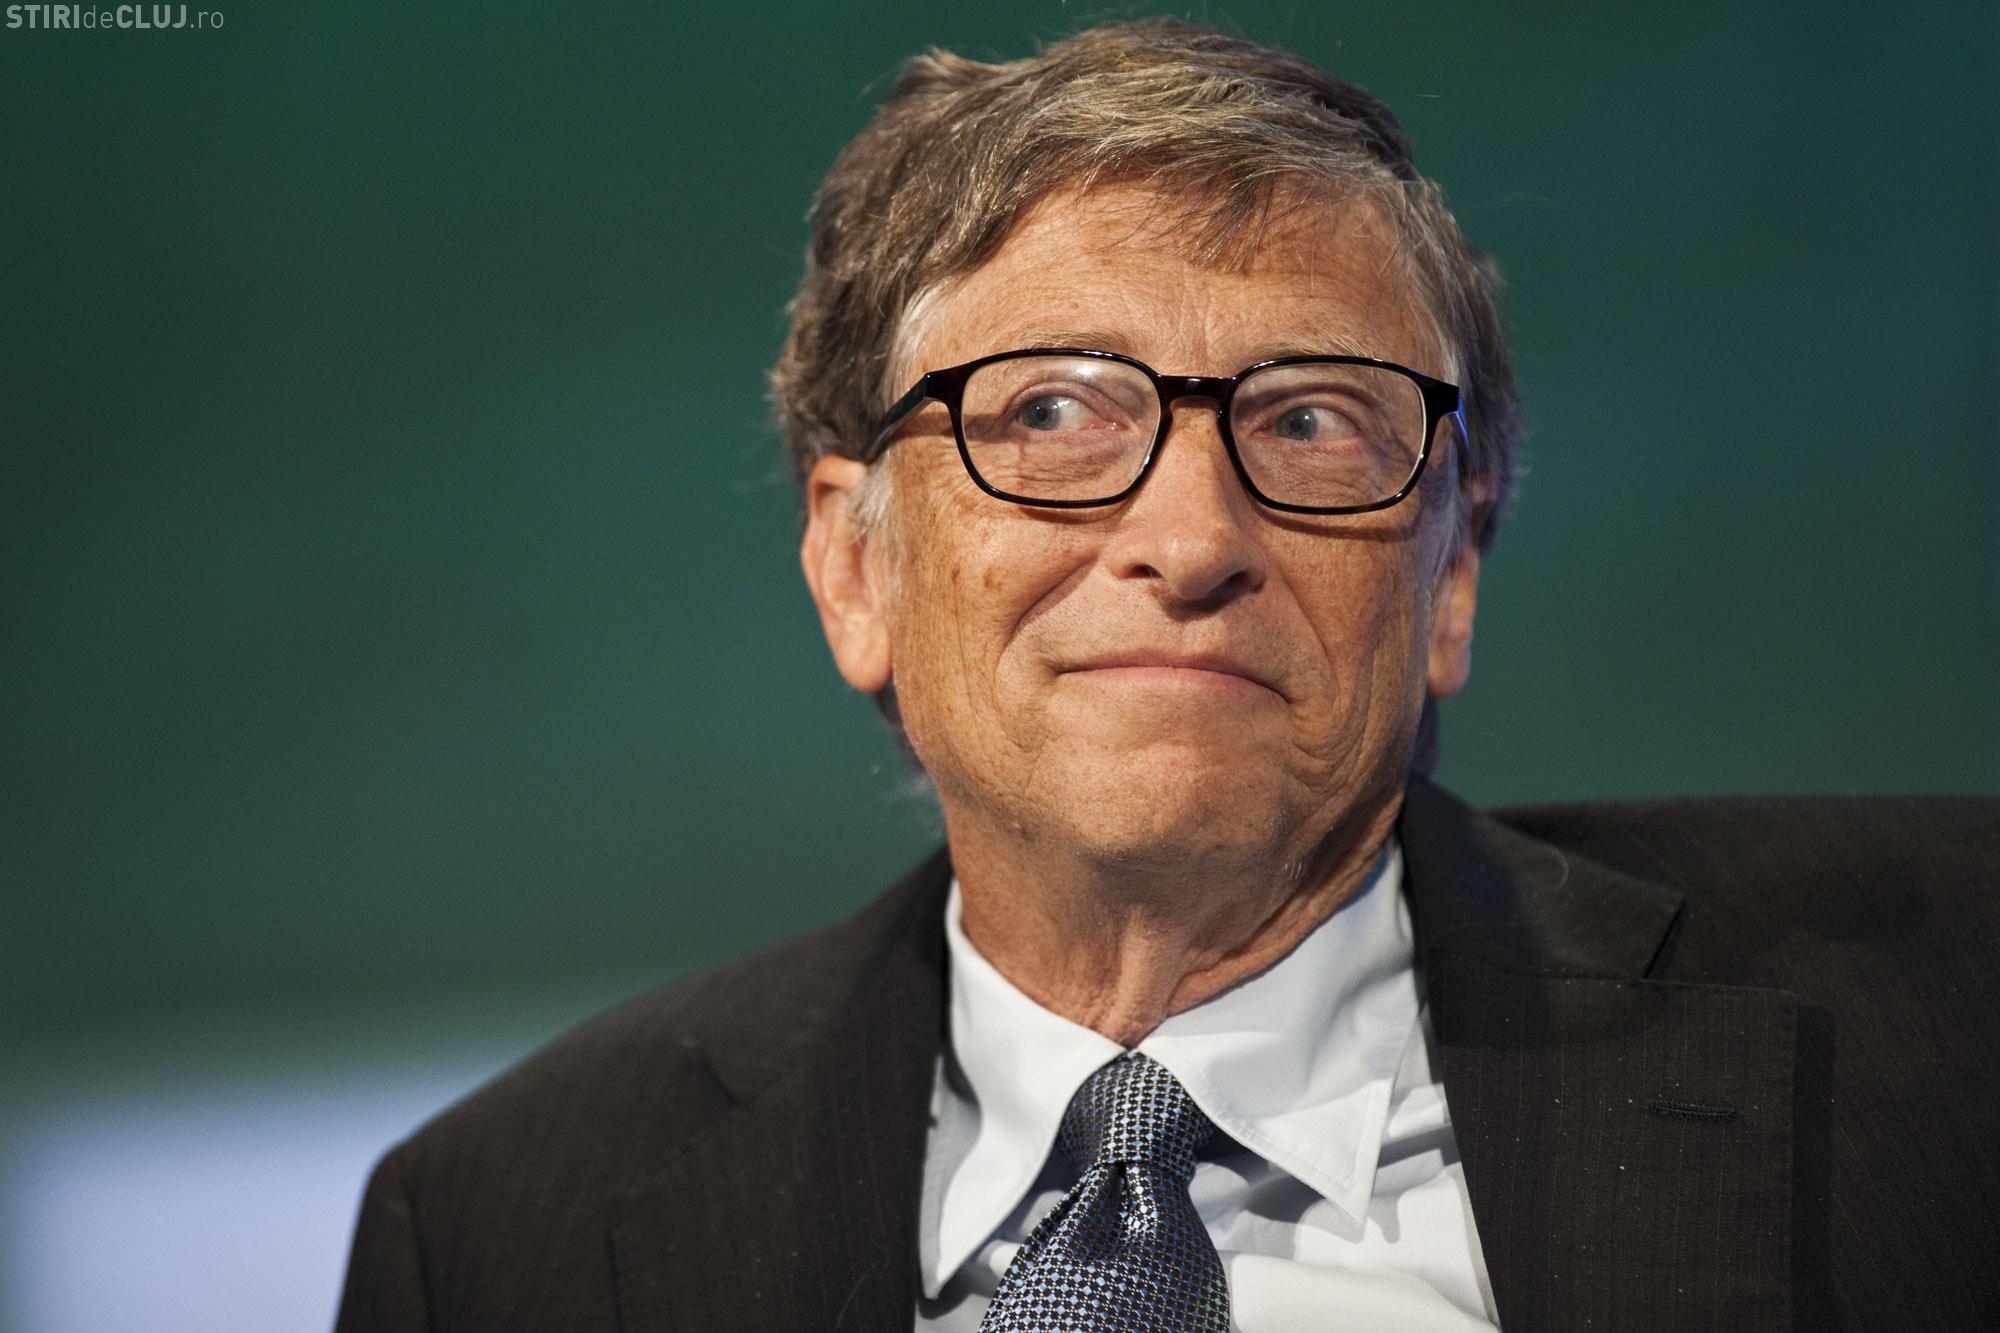 Cei mai cunoscuți miliardari se unesc pentru un proiect cu care vor să salveze lumea. Printre ei se numără Bill Gates și Mark Zuckerberg